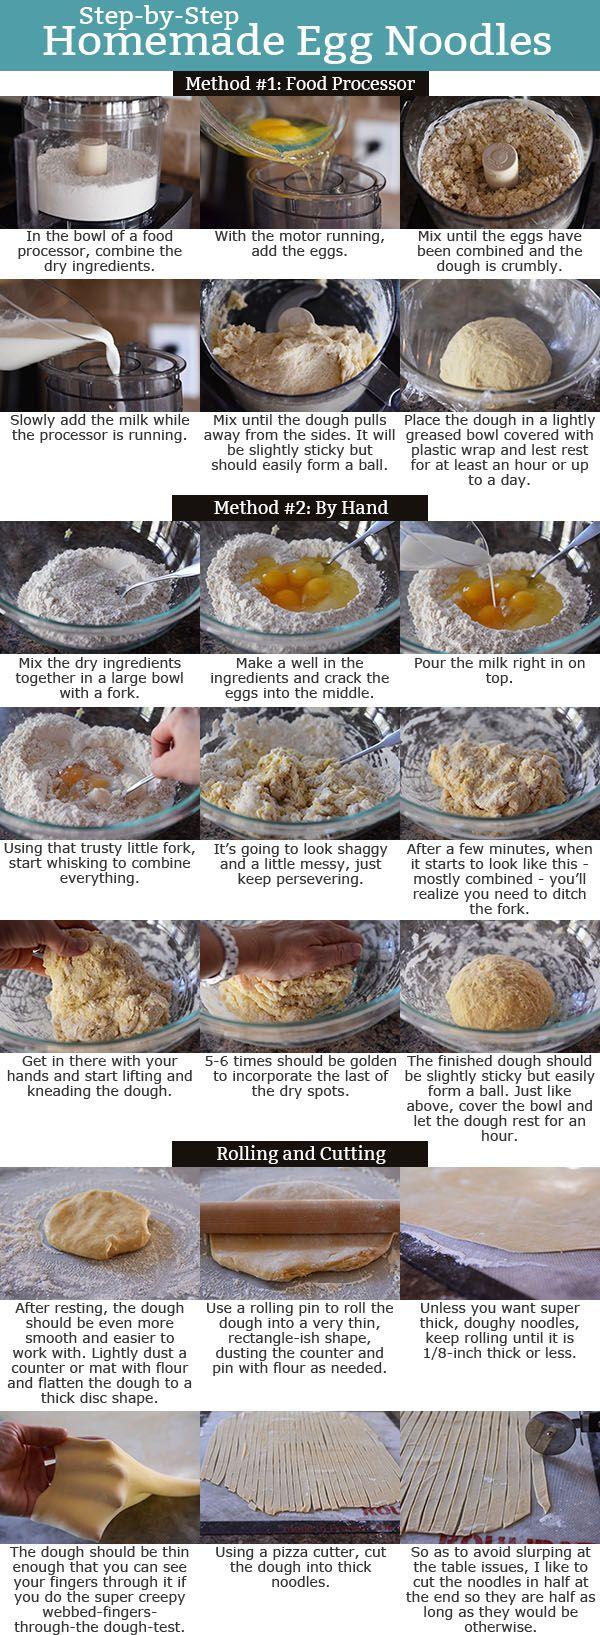 Step-by-Step Homemade Egg Noodles | Mel's Kitchen Cafe